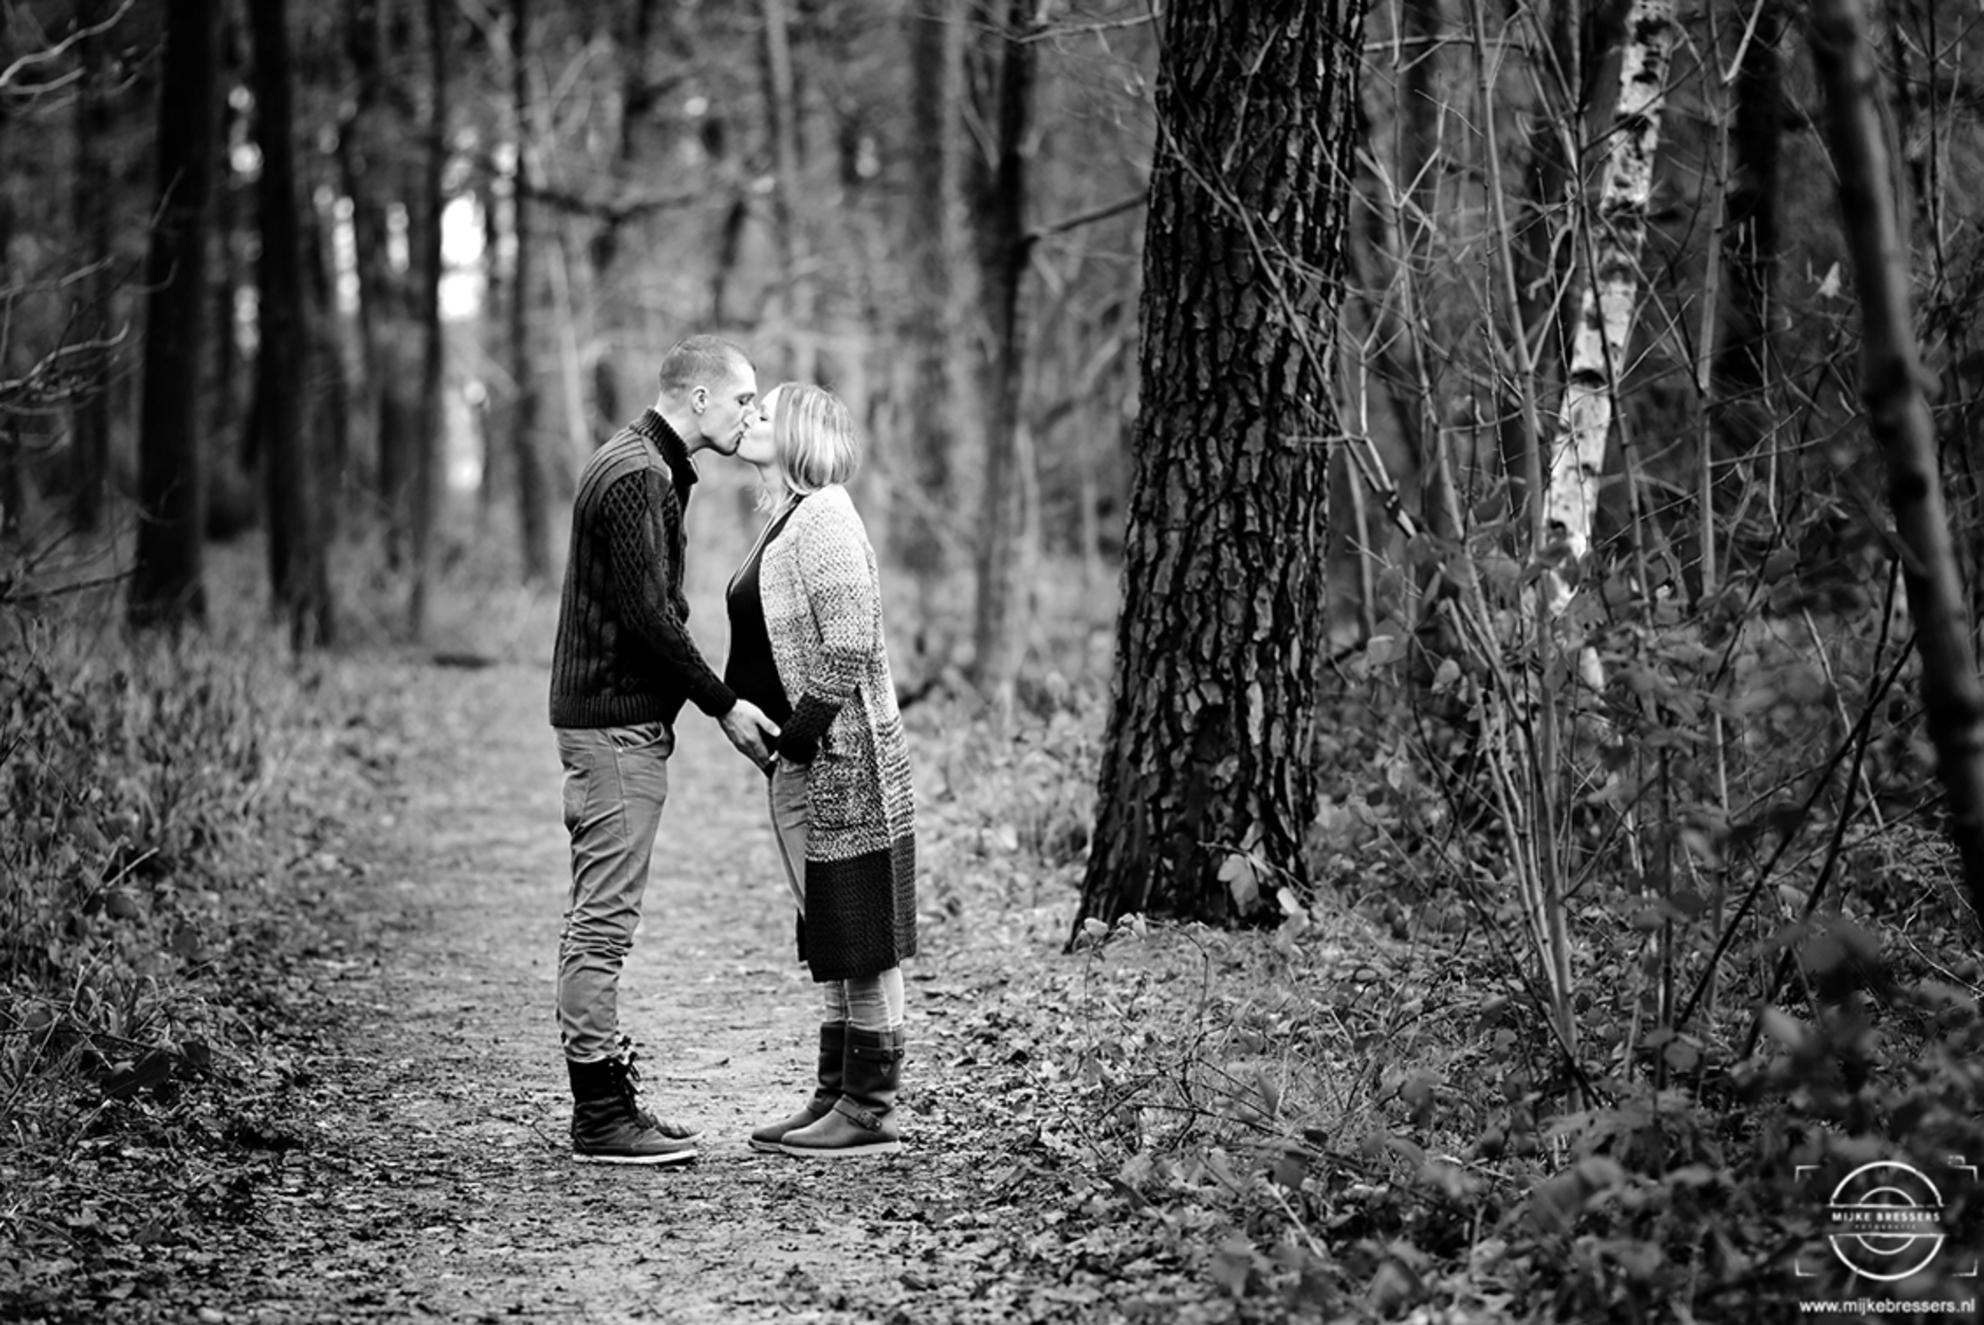 Zwangerschap - Ook in januari is het mogelijk om buiten mooie foto's te maken in het bos :) - foto door MijkeBressers op 13-01-2016 - deze foto bevat: mensen, portret, liefde, daglicht, zwartwit, zwanger, fotoshoot, 180mm - Deze foto mag gebruikt worden in een Zoom.nl publicatie